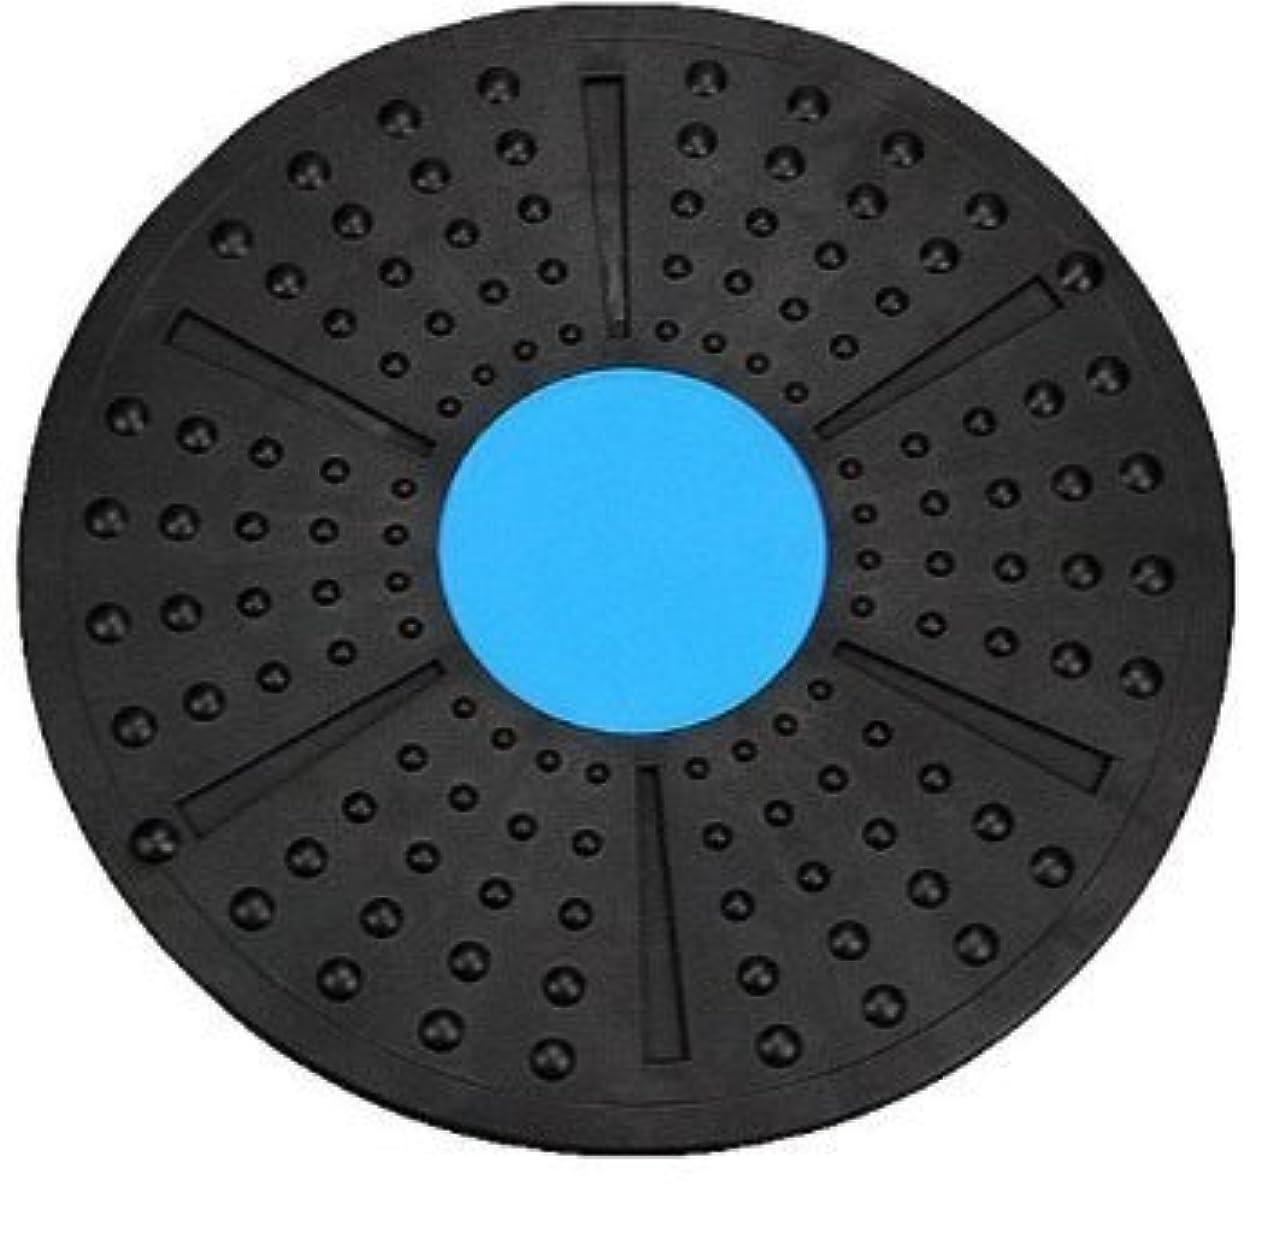 一時解雇する合金気がついて体幹トレーニング ダイエット エクササイズ メディカルサポート バランスボード 2色 これ1つで全身運動 (青×黒)